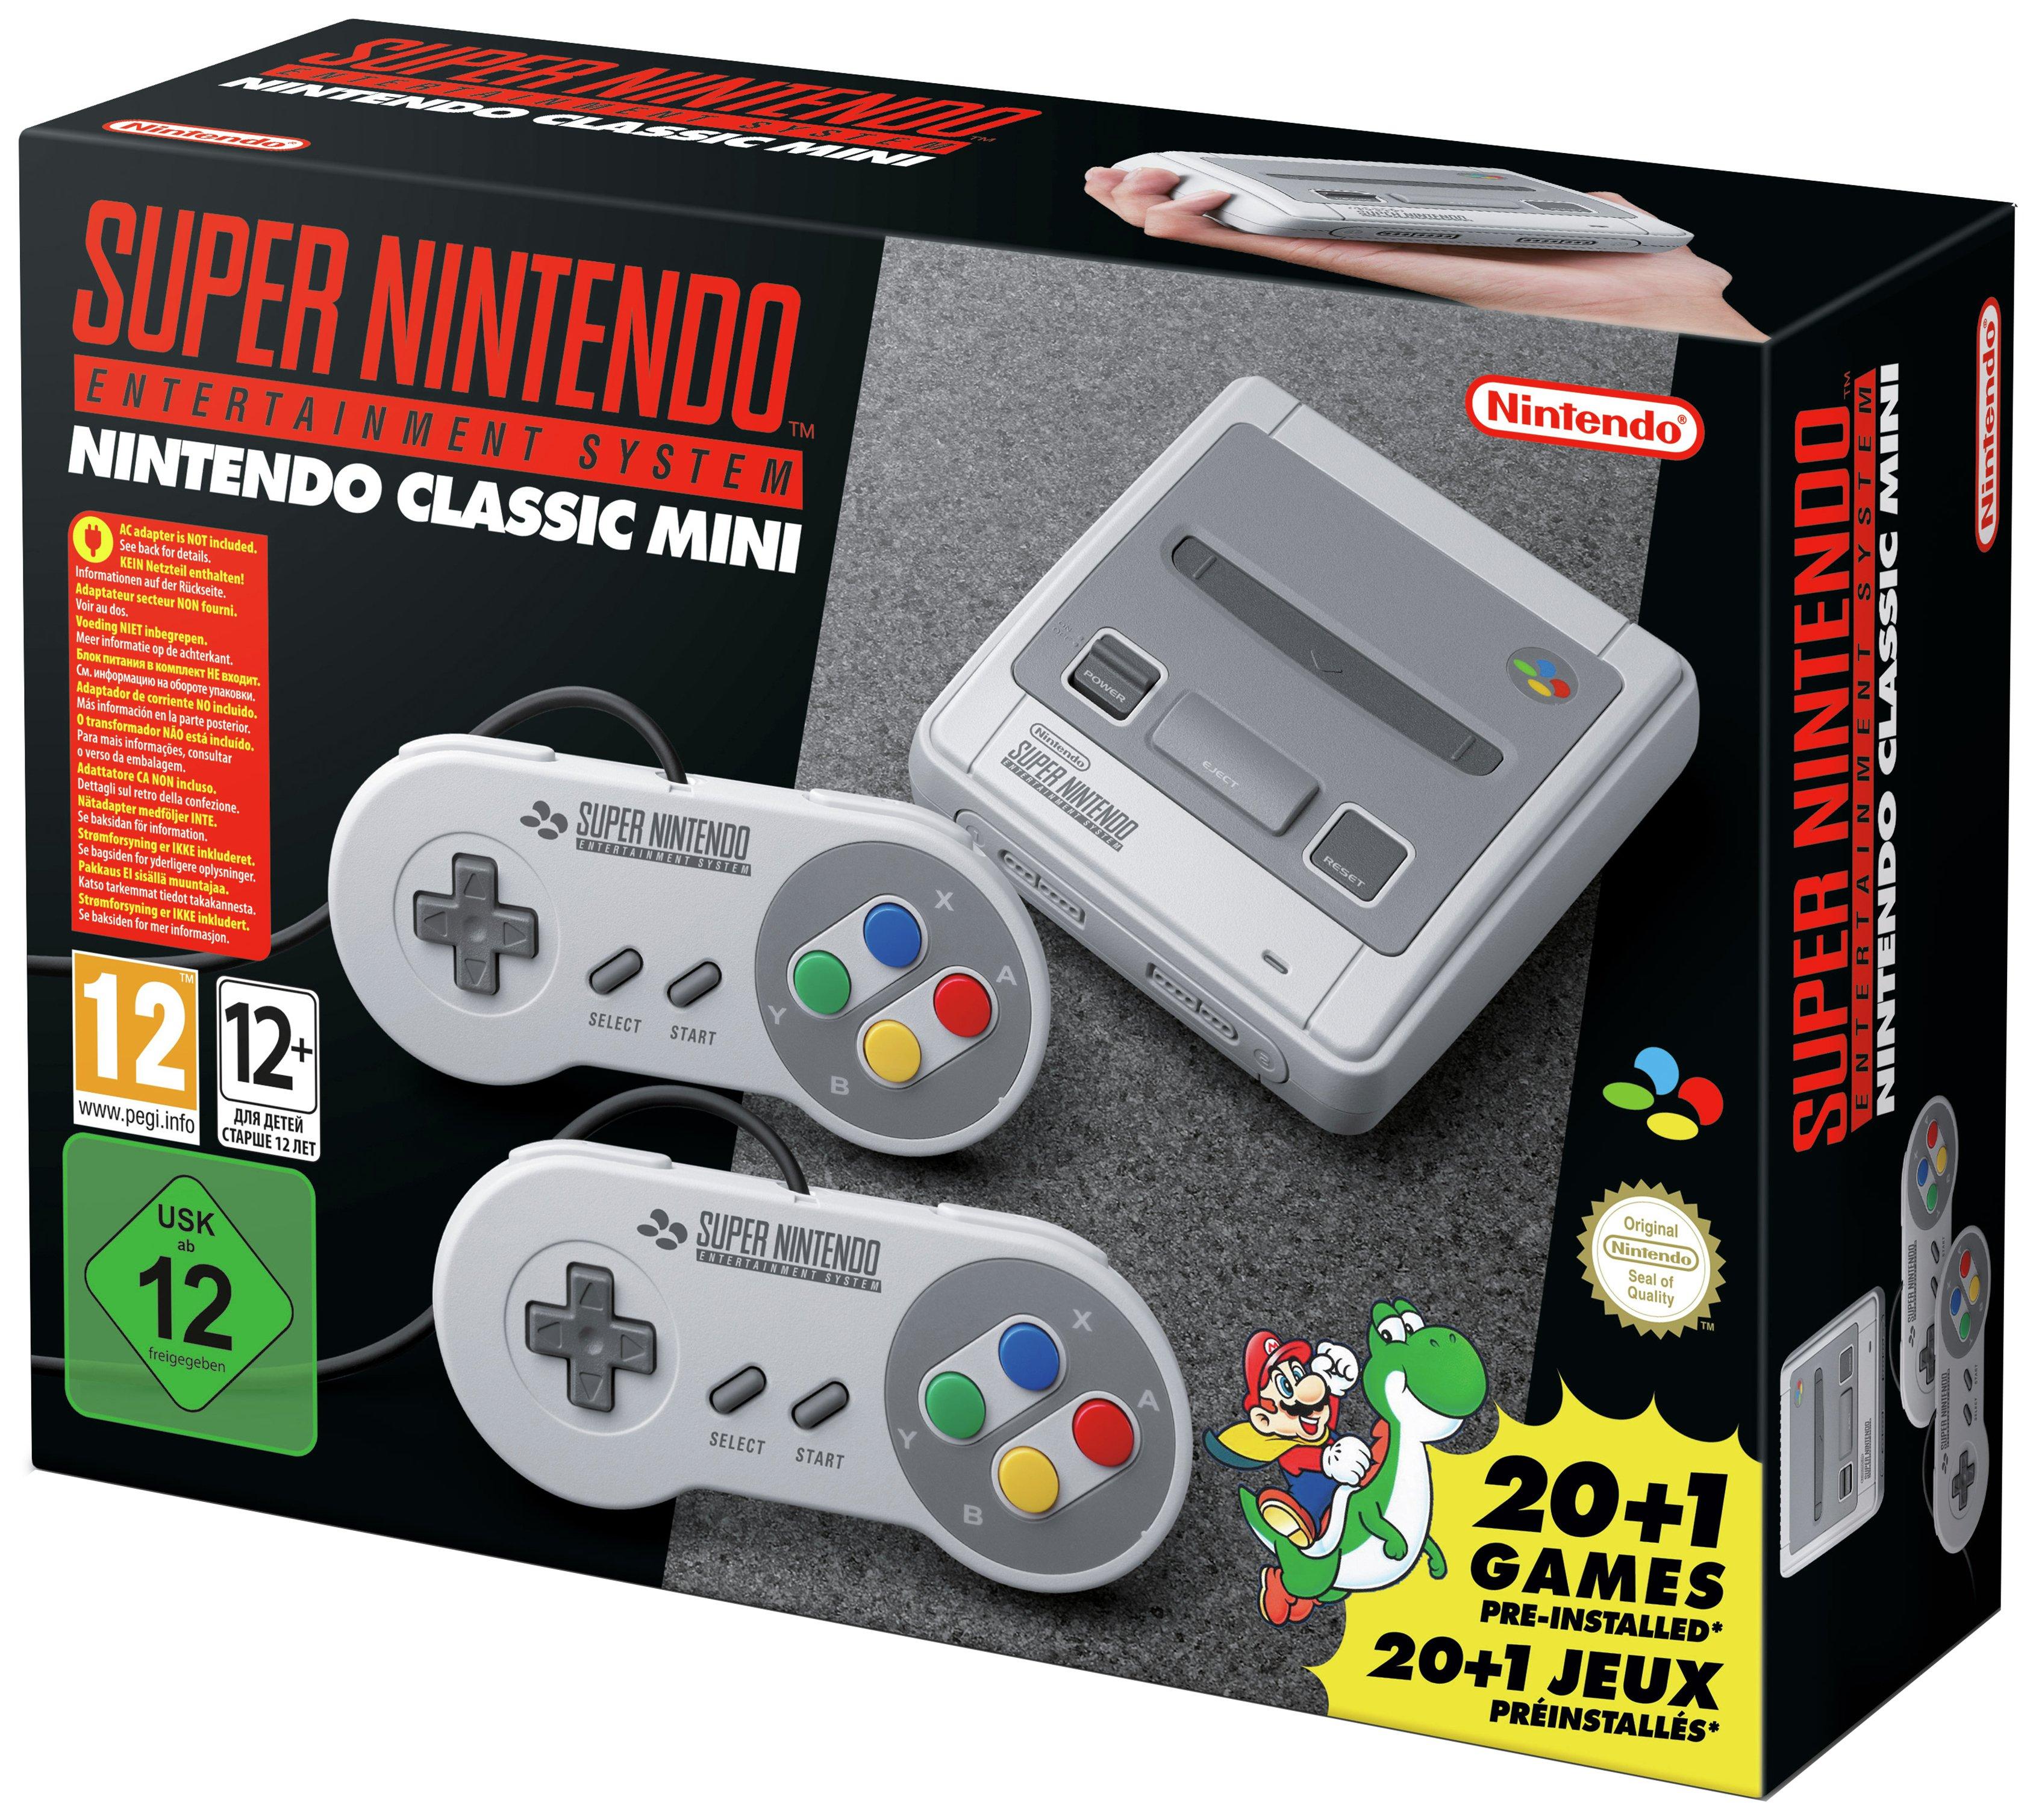 SNES Classic Mini Pre-Order console